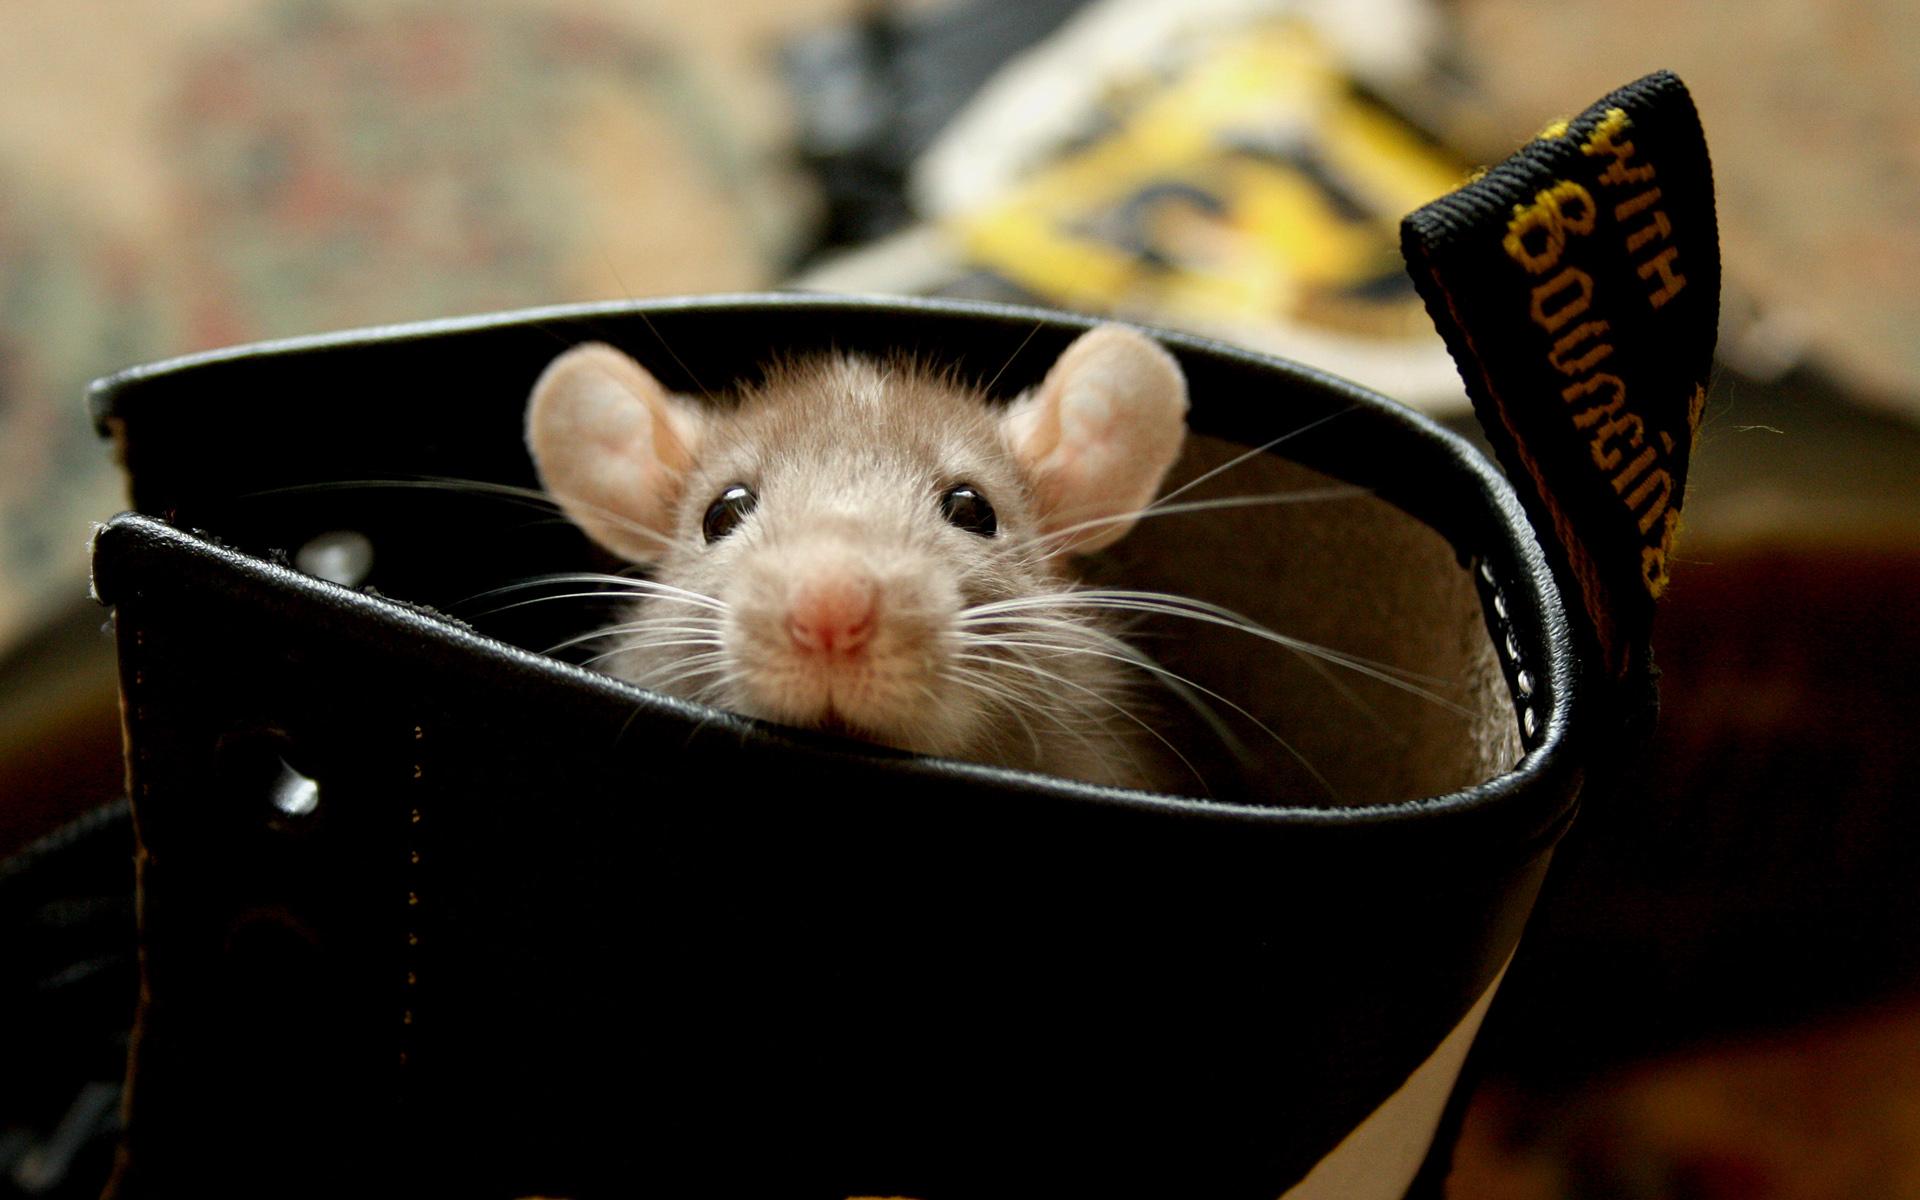 фотографа великобритании прикольные картинки с крысами на рабочий стол картинка, для примера